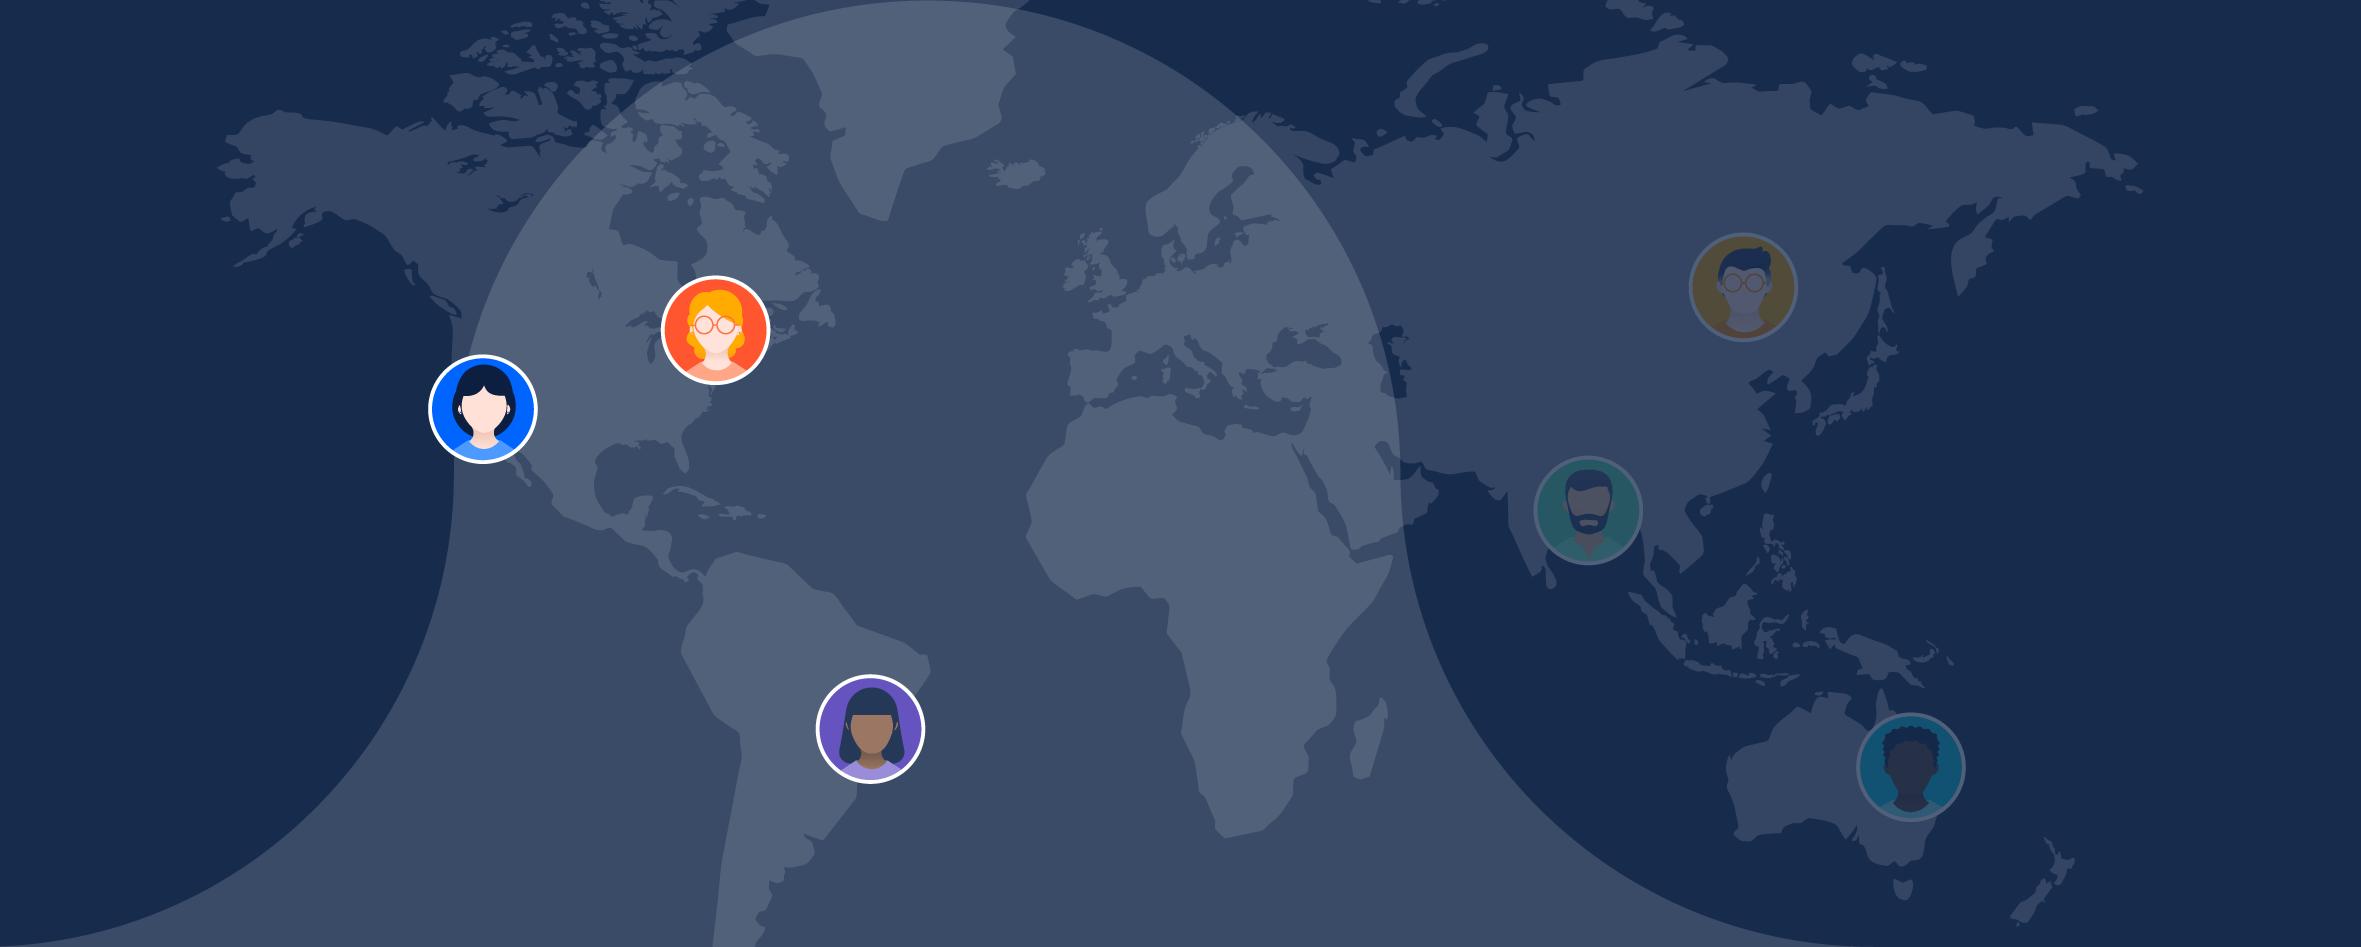 エージェントがハイライトされた世界地図